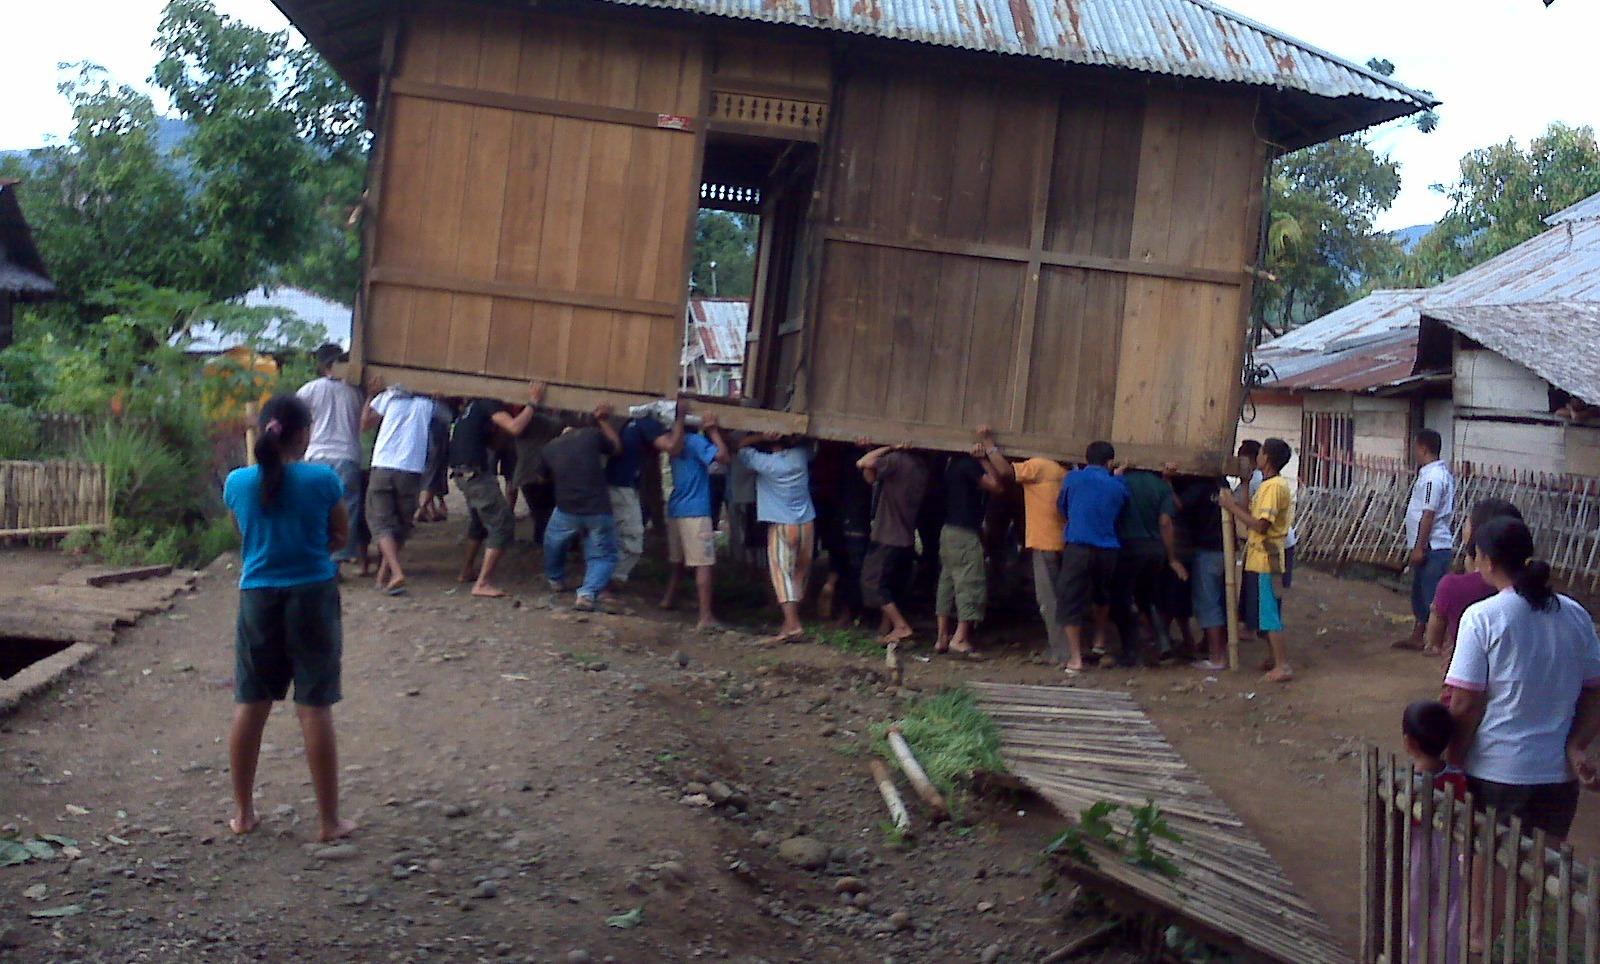 Image : Membangun Desa Lewat Gotong Royong